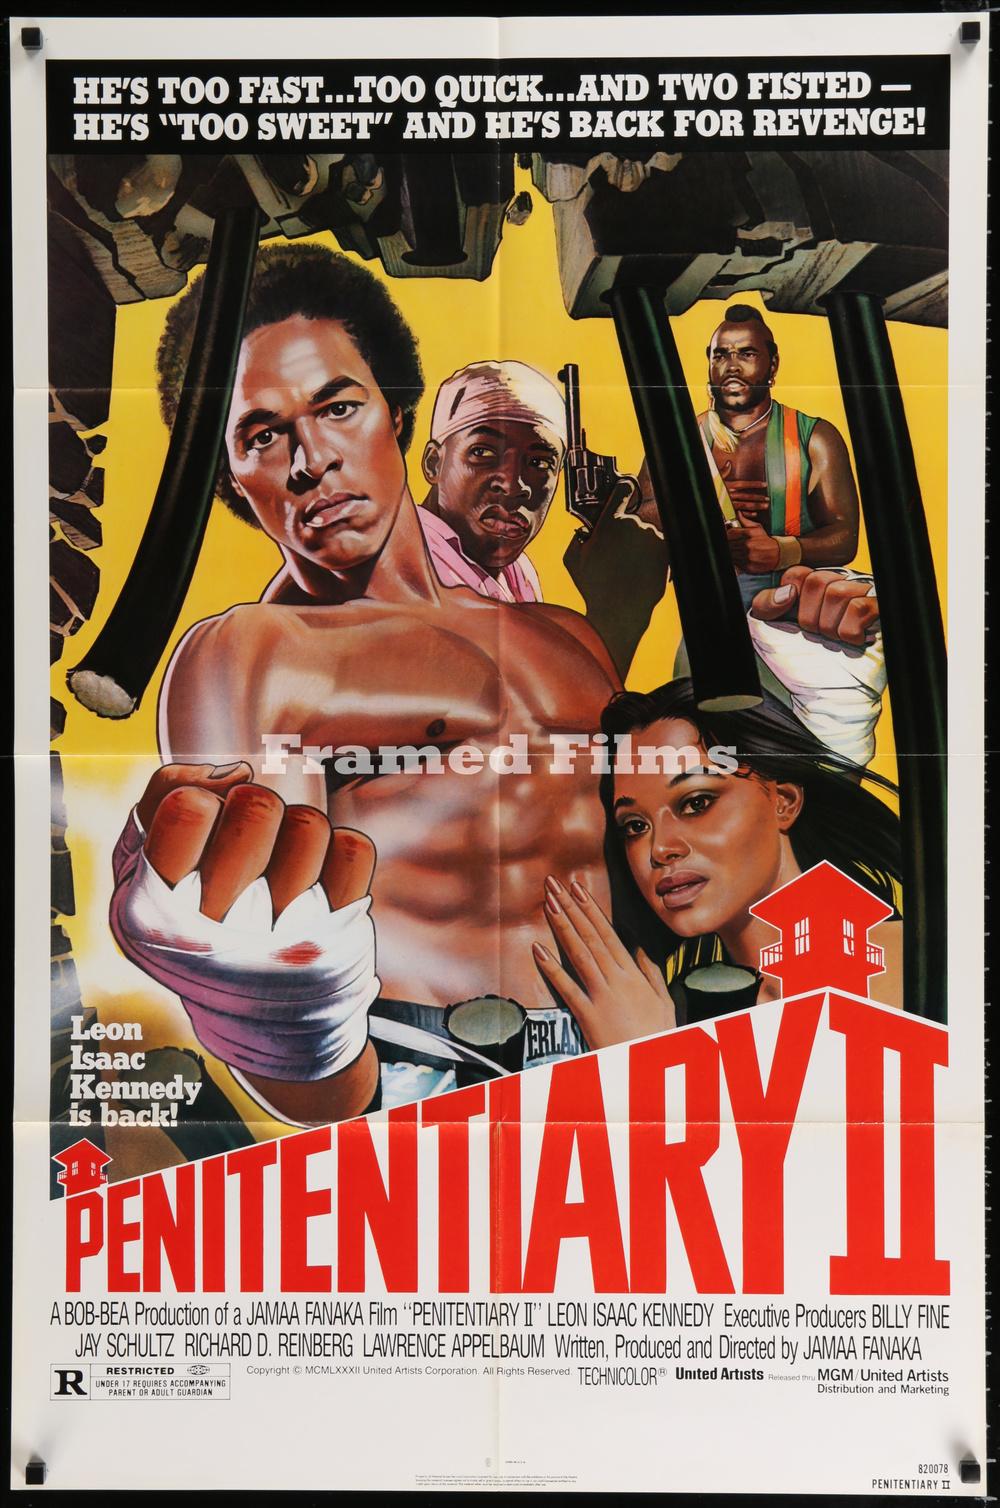 penitentiary_2_dupe1_HN00107_C.jpg